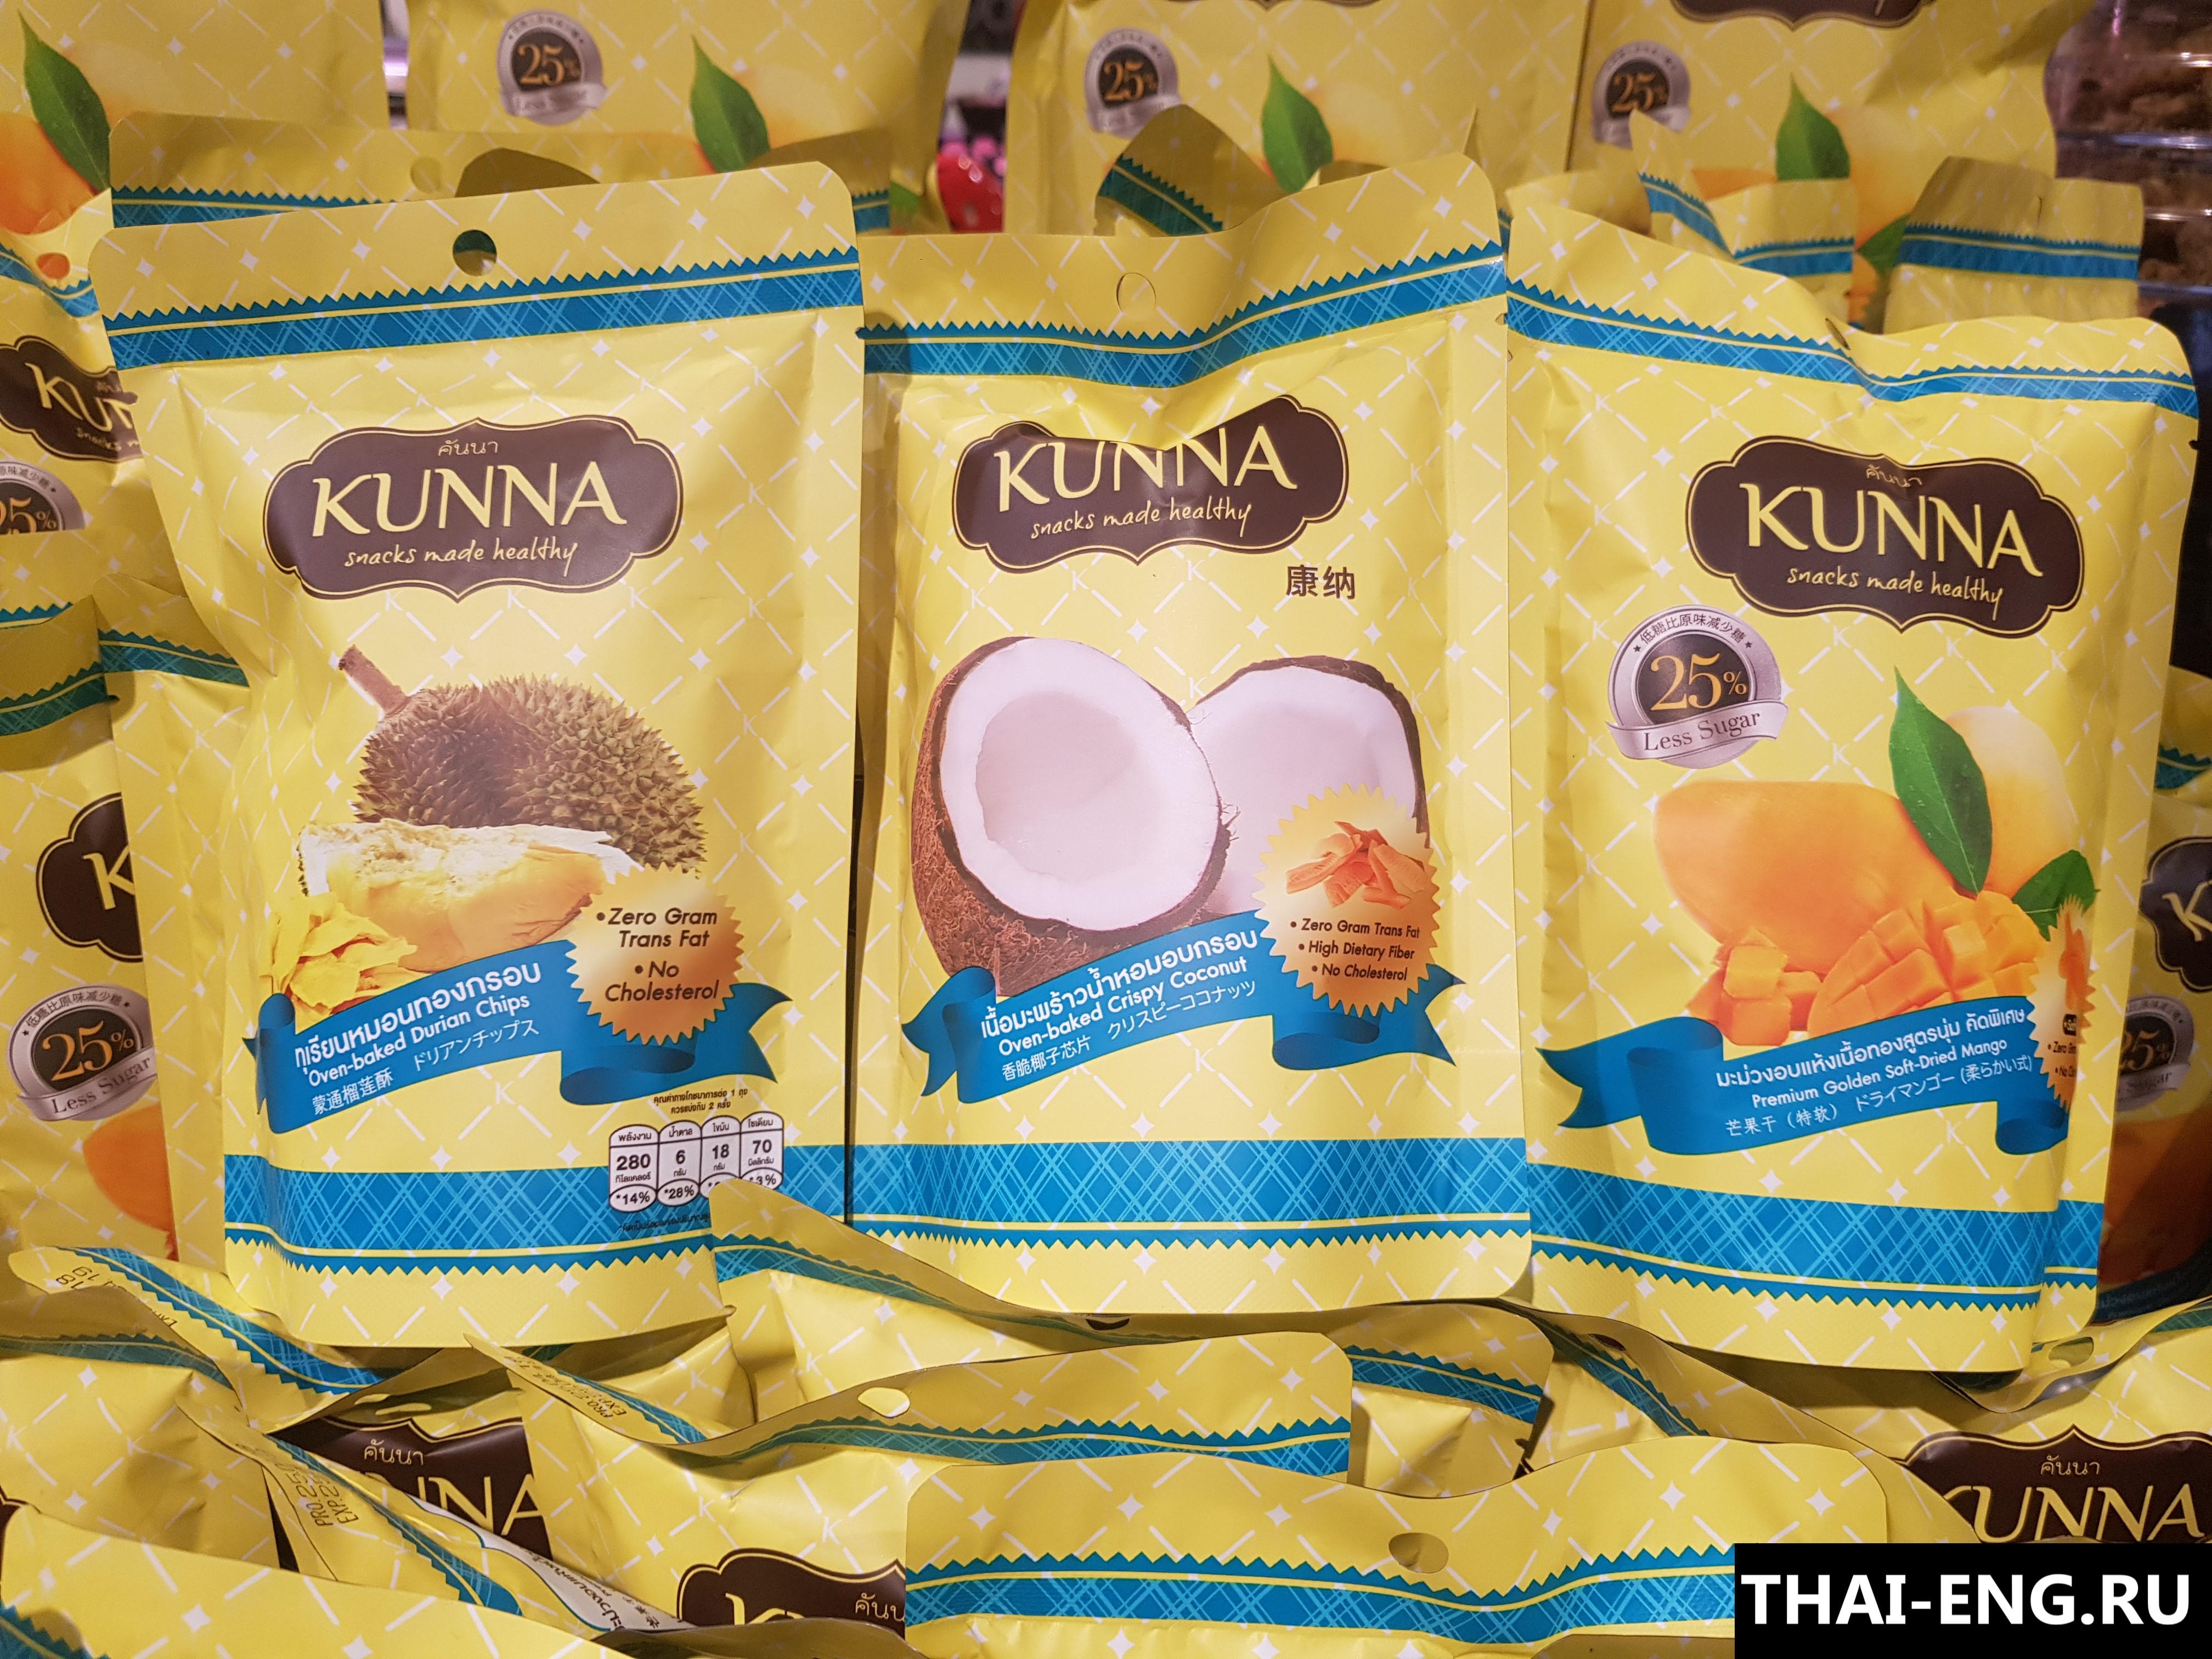 Экспорт сушенных фруктов из Таиланда